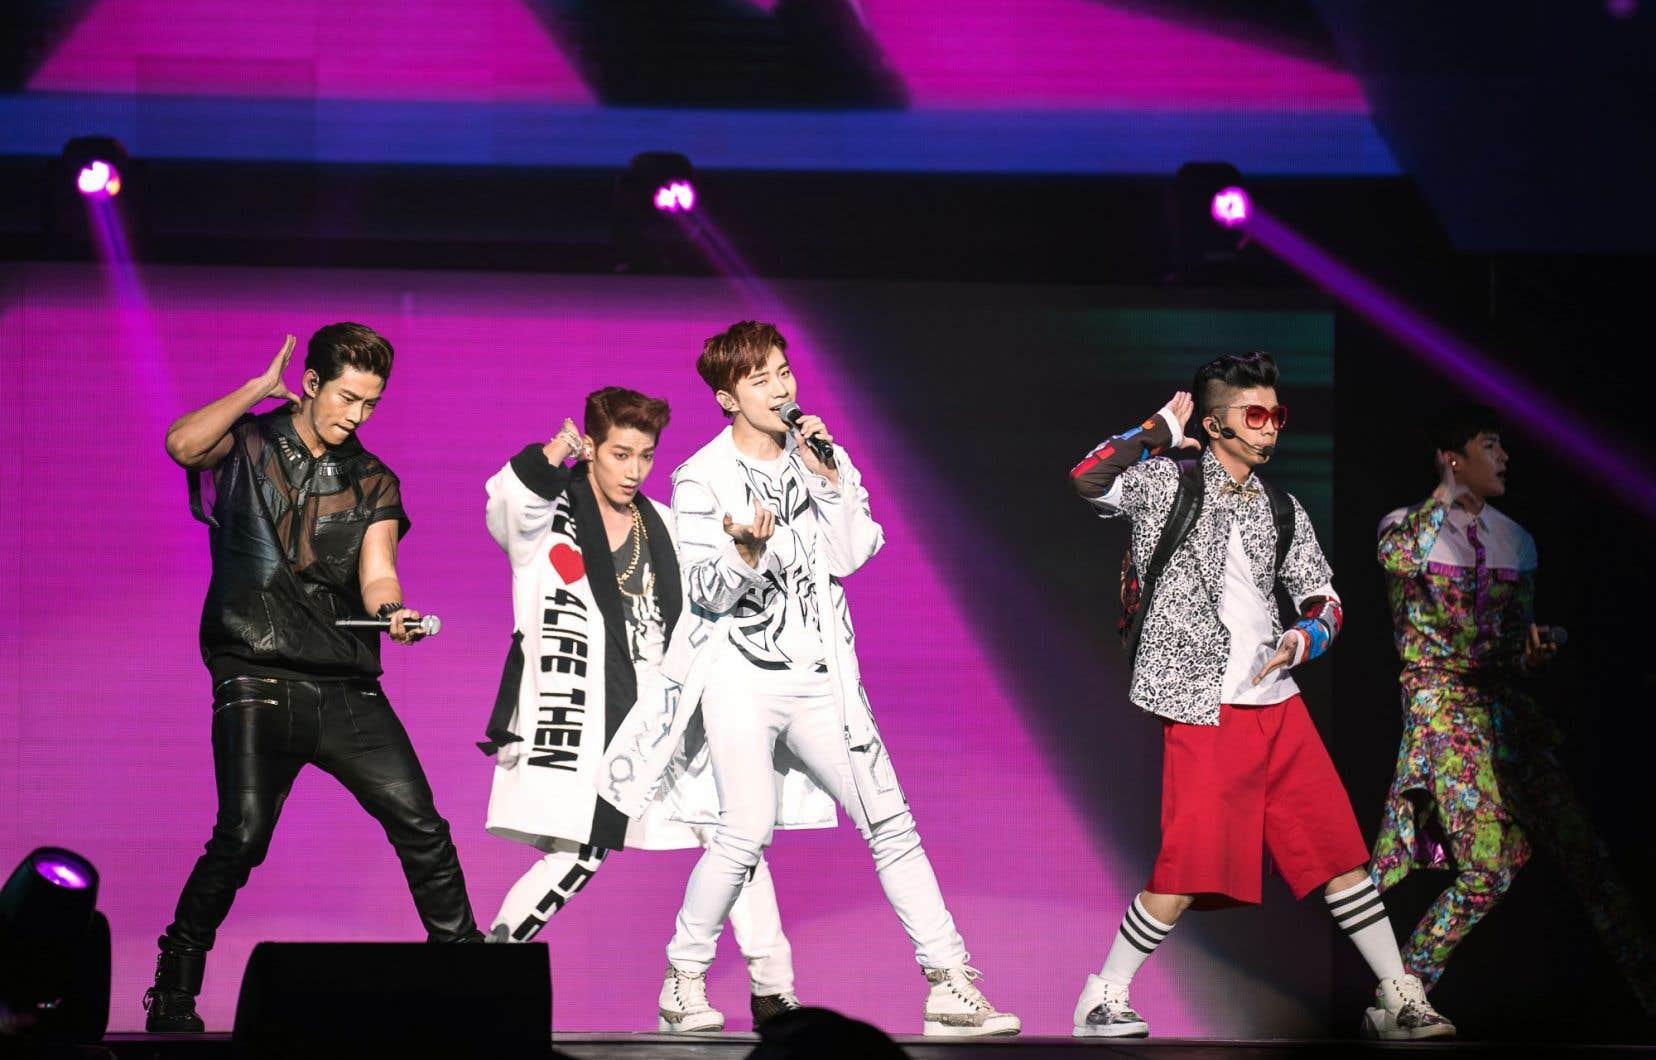 La «vague» culturelle coréenne a été rendue possible par l'apparition de YouTube il y a un peu plus d'une décennie. Ci-dessus, le groupe 2PM lors d'une prestation au New Jersey en 2014.